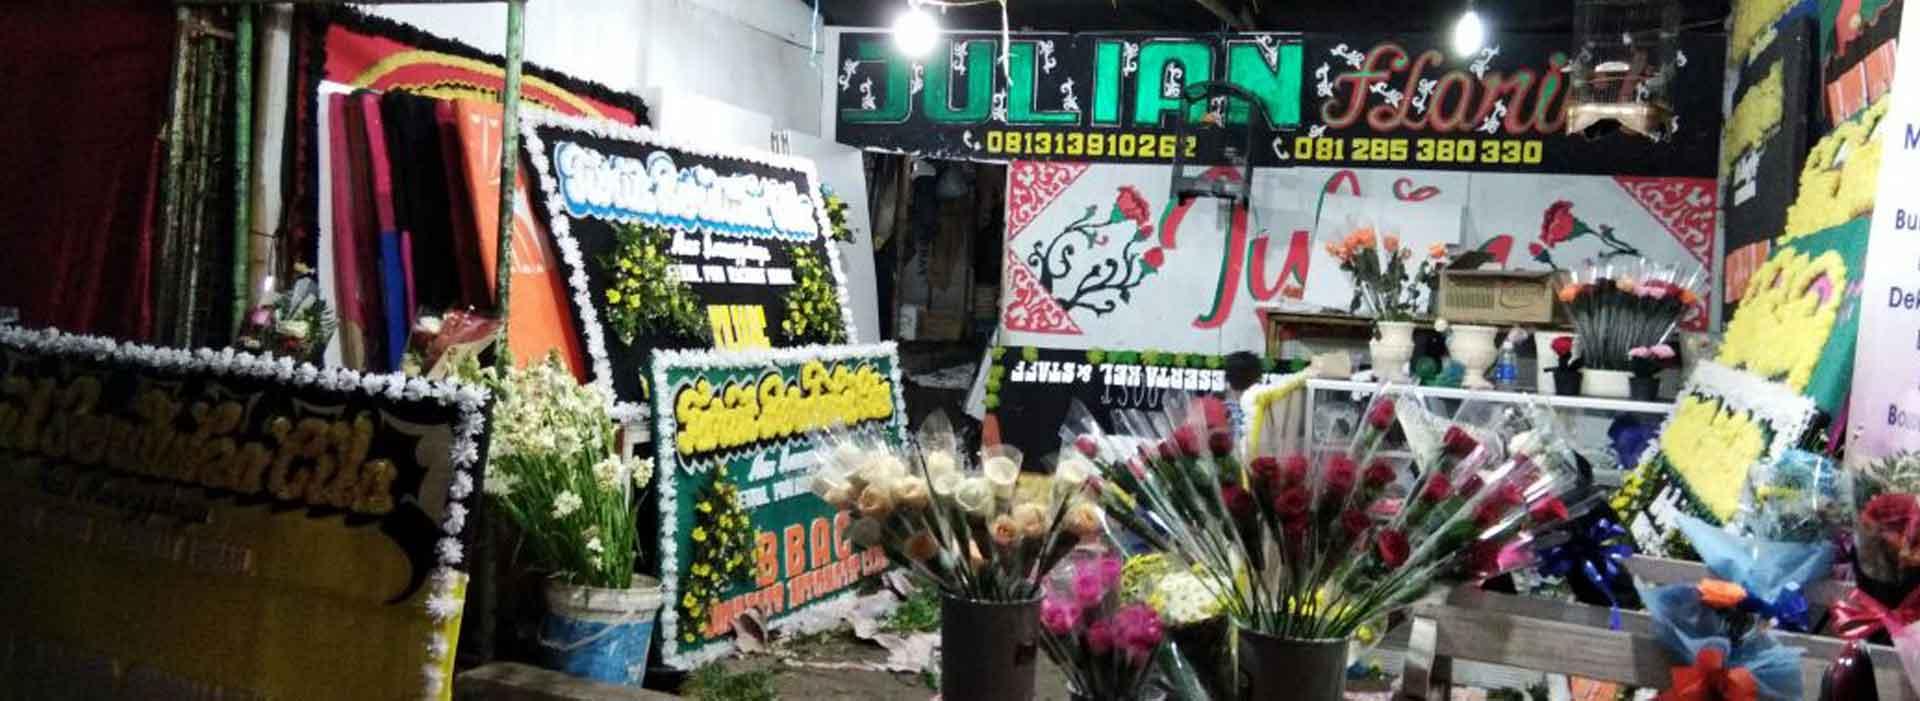 slider-julian-florist